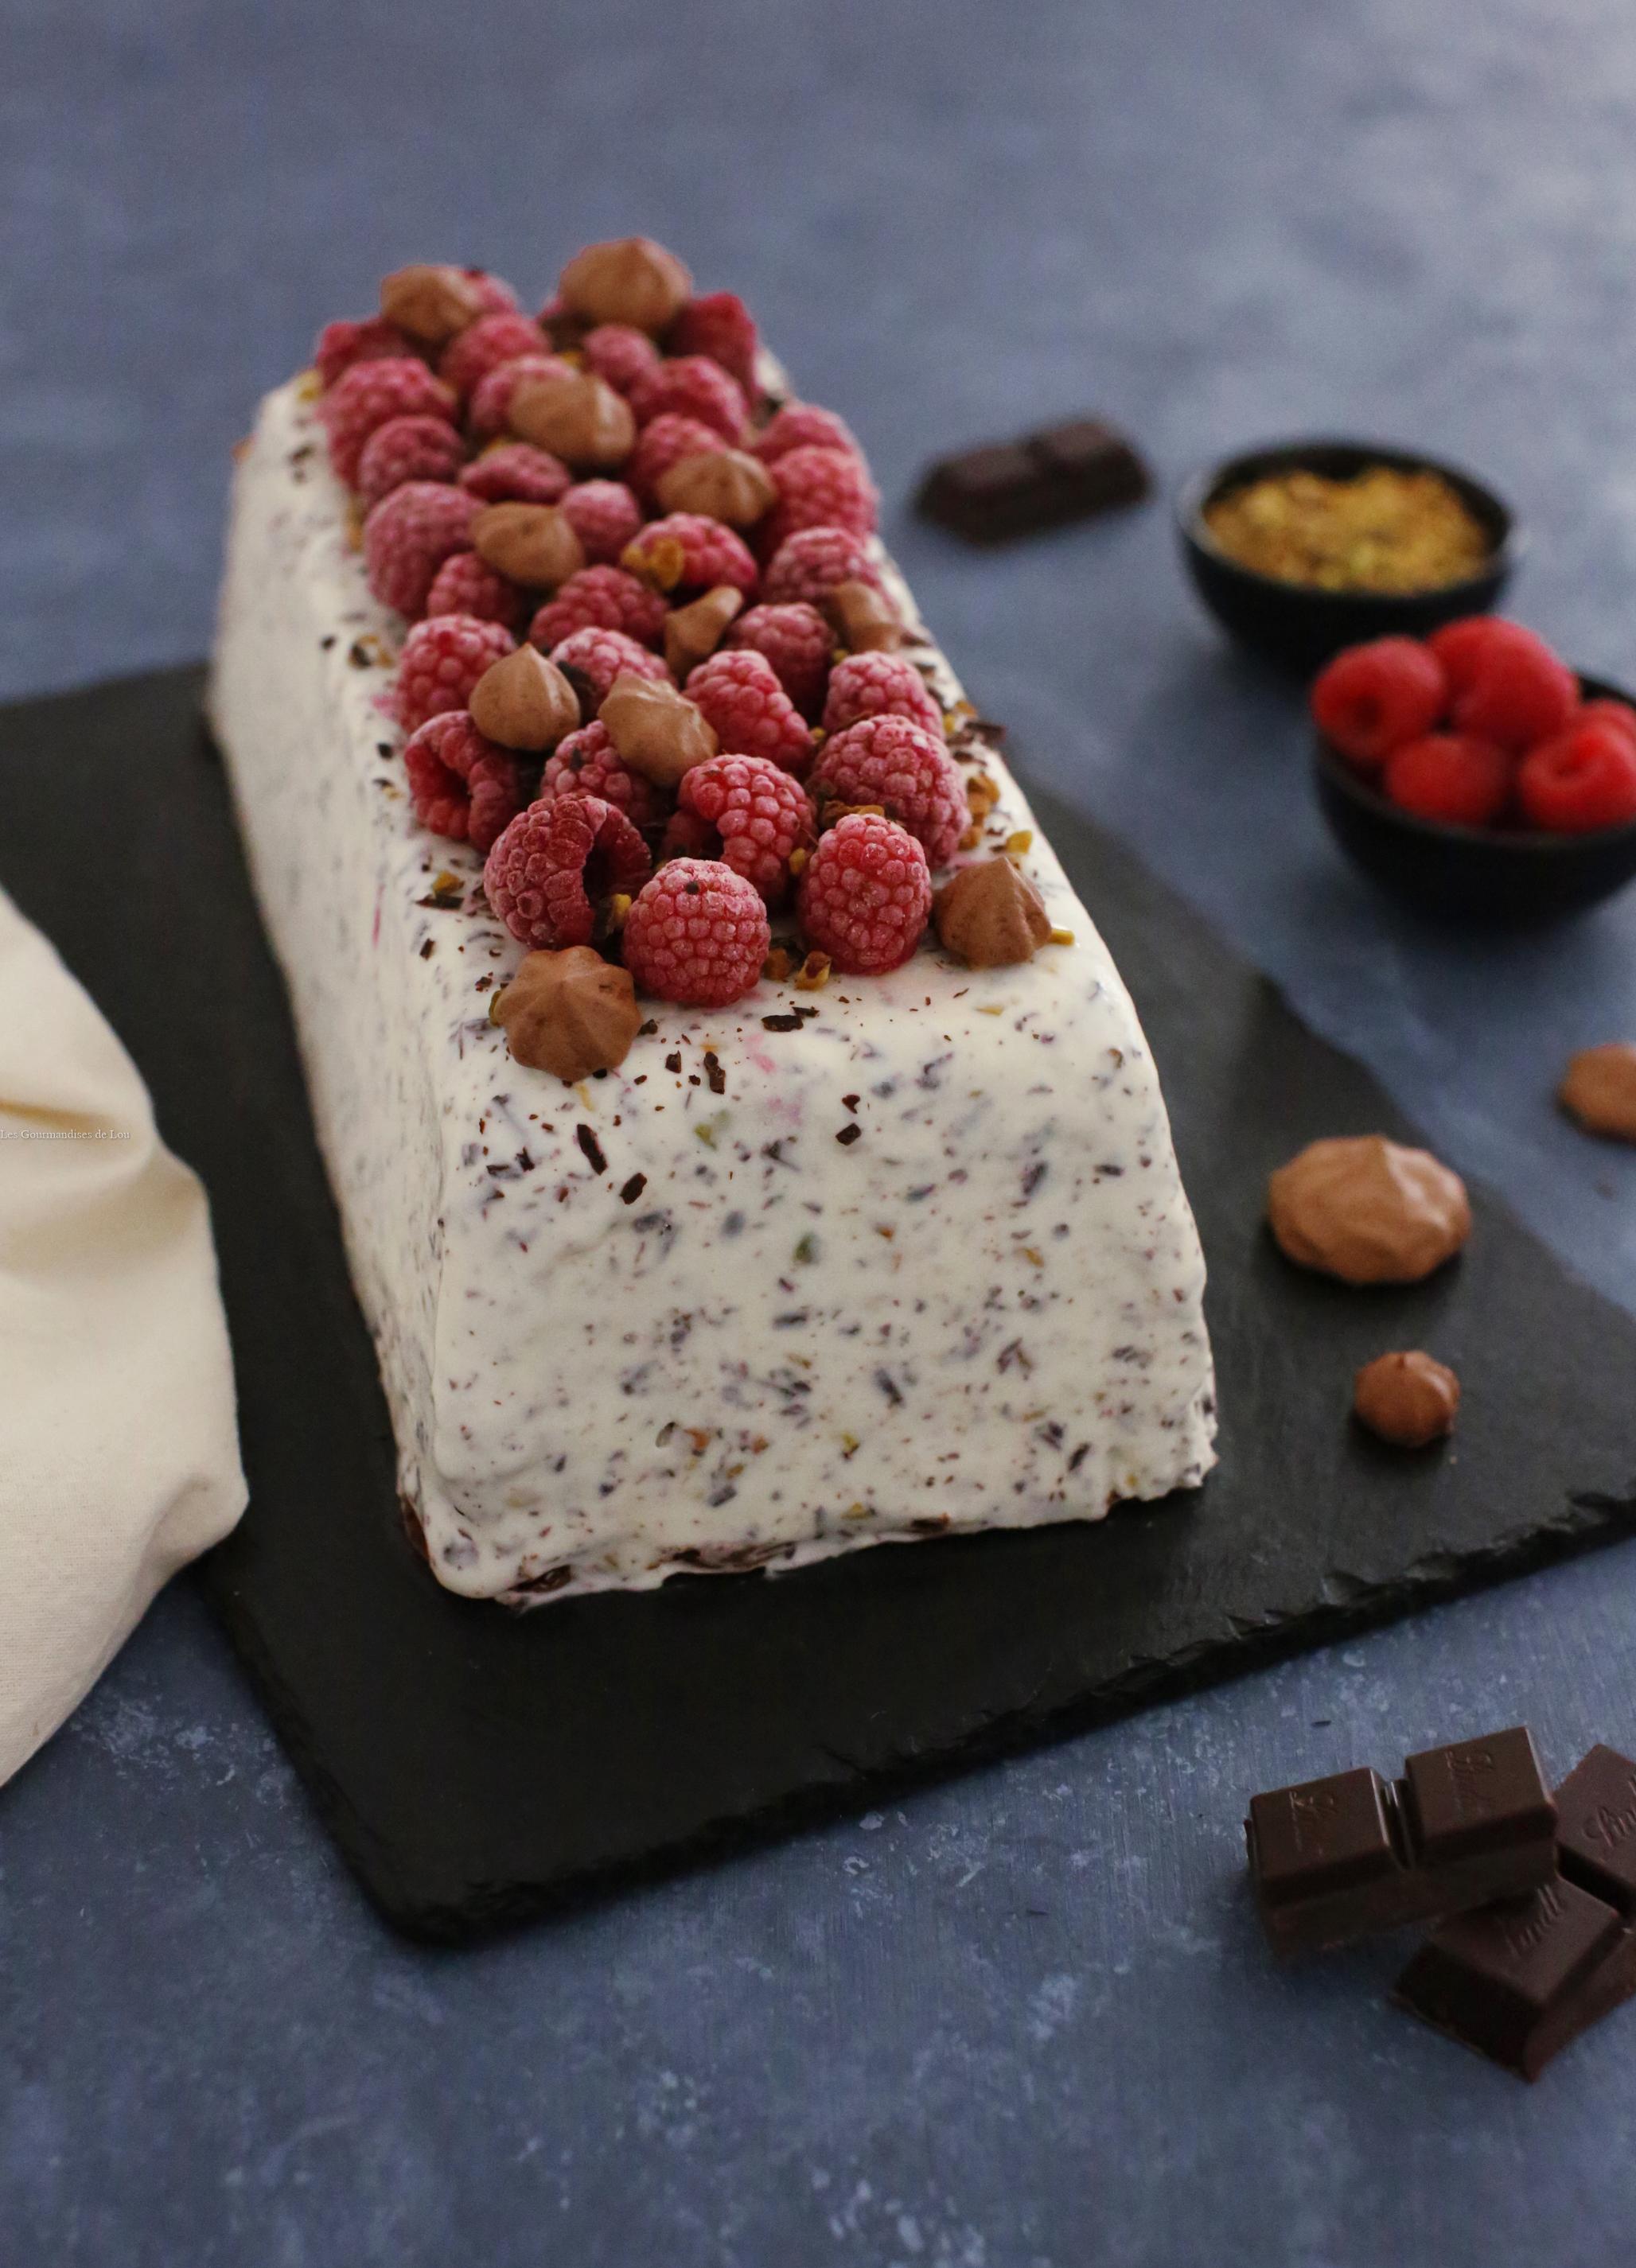 Recette Glace Pistache Sans Oeufs terrine glacée stracciatella, framboise, pistache et